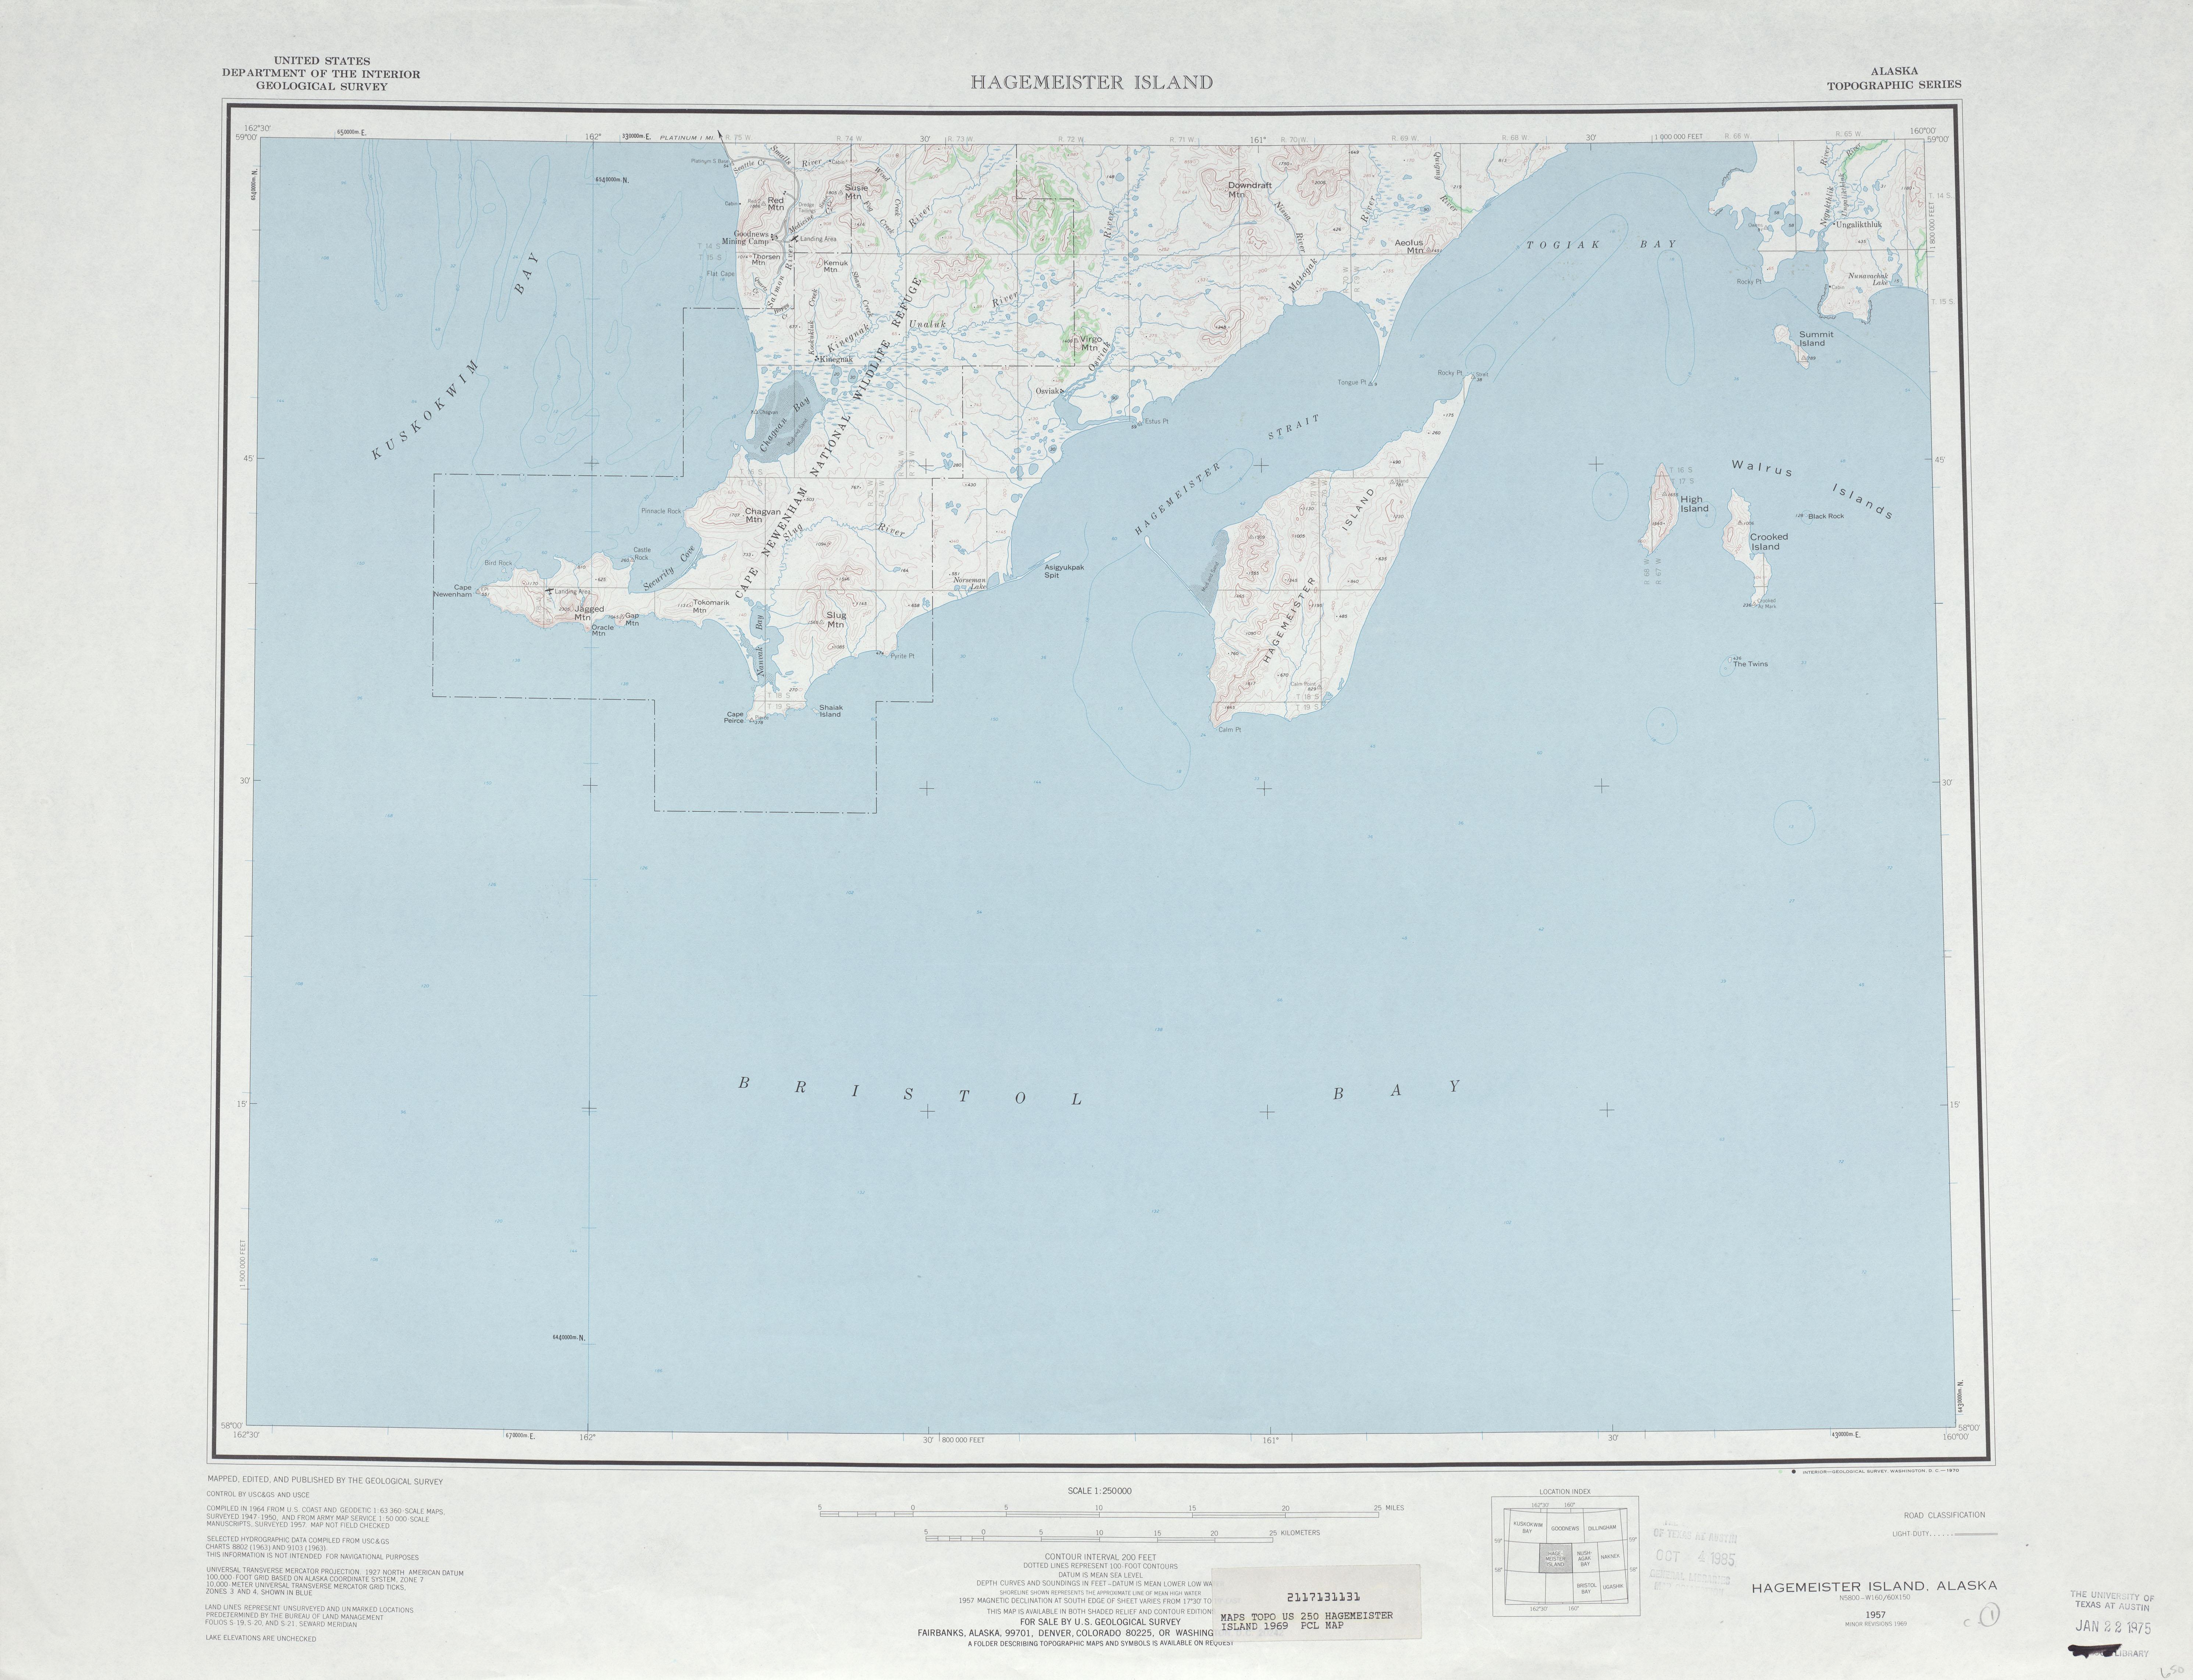 Hagemaster Island Topographic Map Sheet, United States 1969